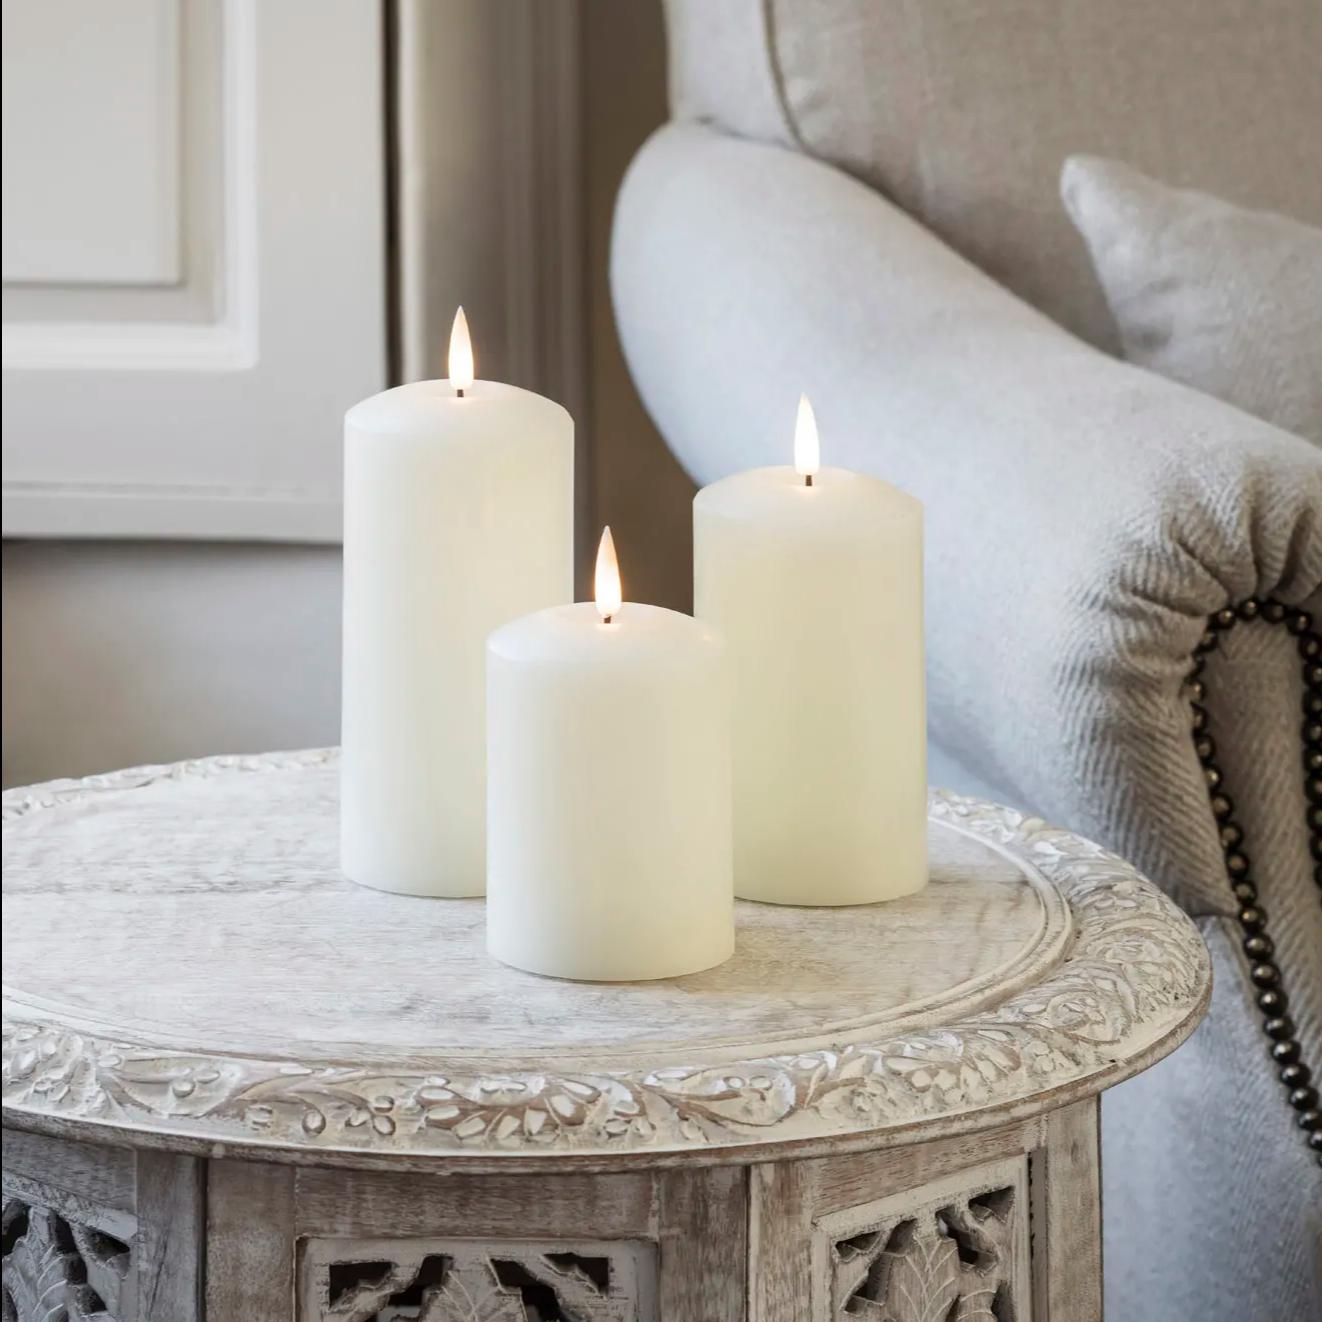 Drei weiße TruGlow Kerzen auf Beistelltisch vor grauem Sofa.